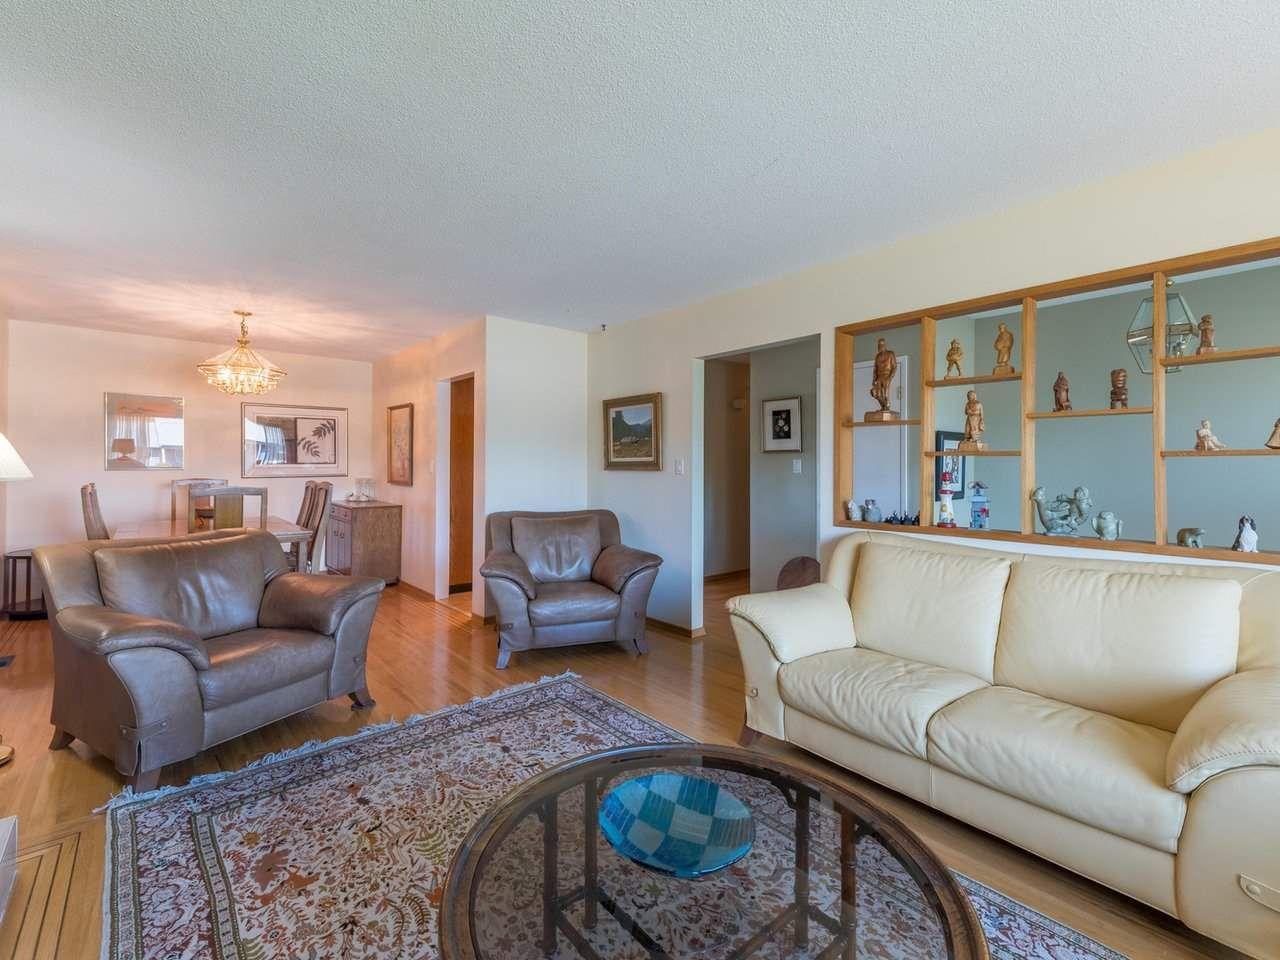 Photo 8: Photos: 808 REGAN Avenue in Coquitlam: Coquitlam West House for sale : MLS®# R2563486